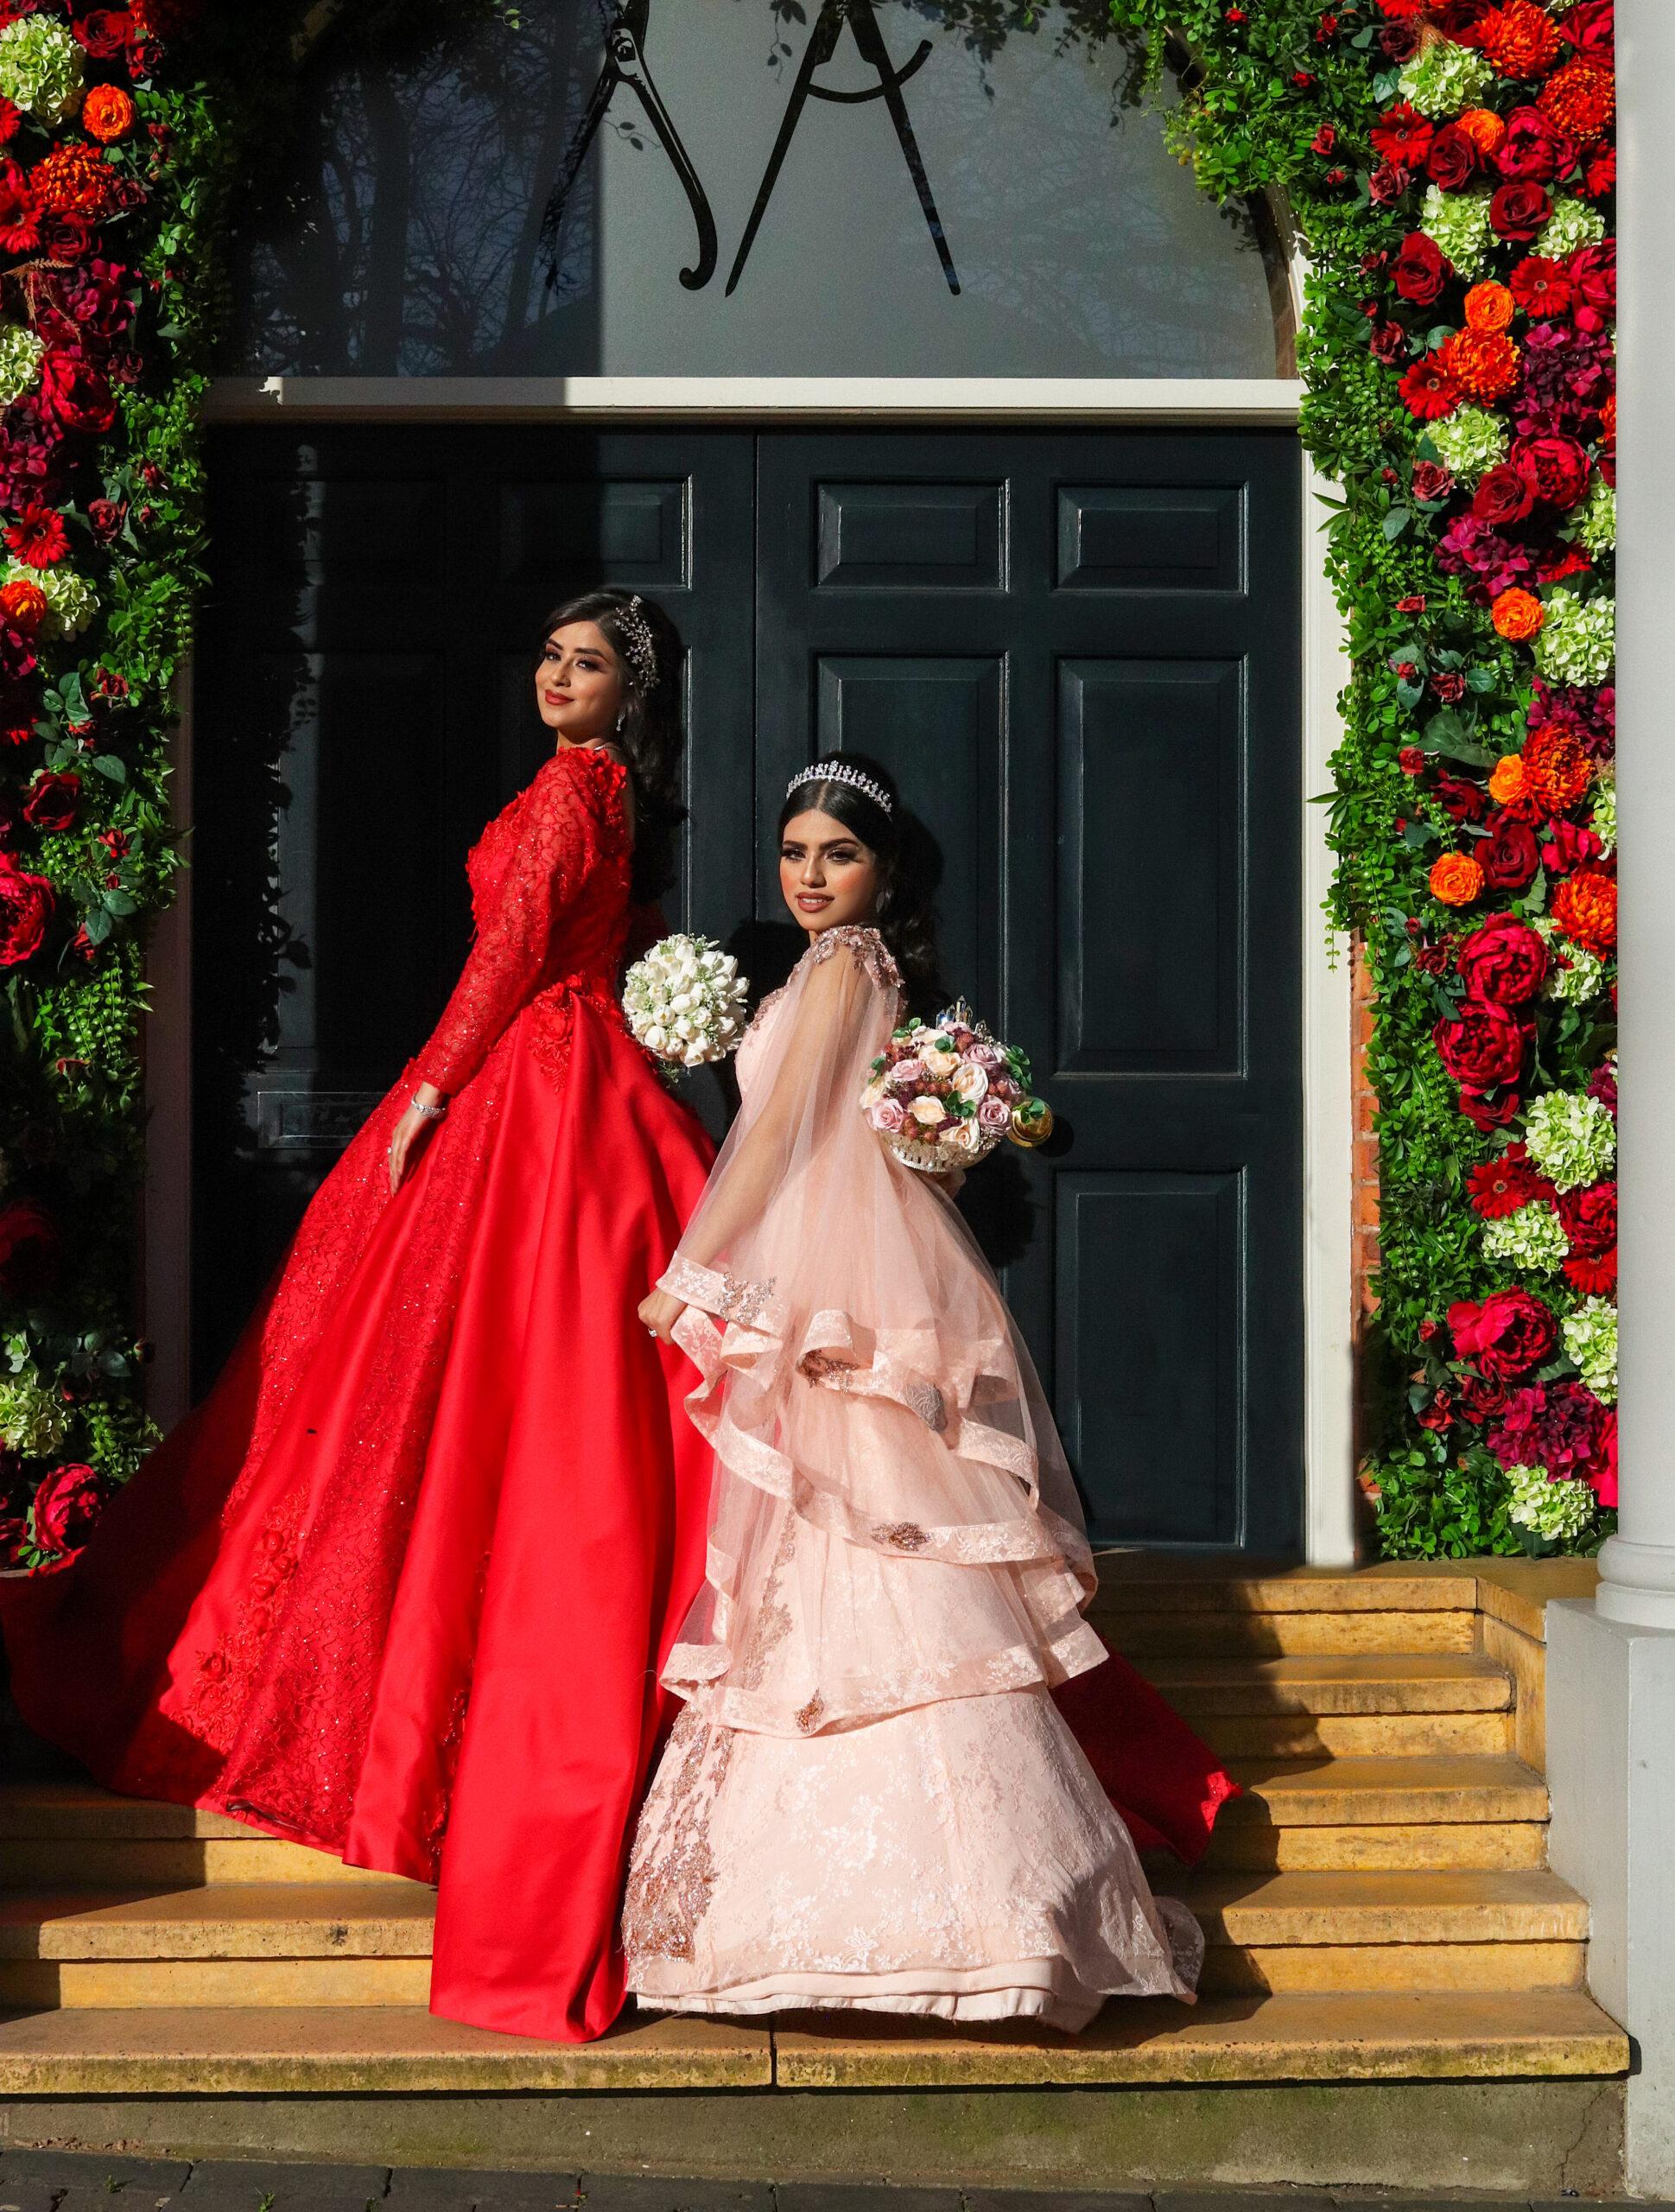 Red and pink wedding shoot at Saint Pauls